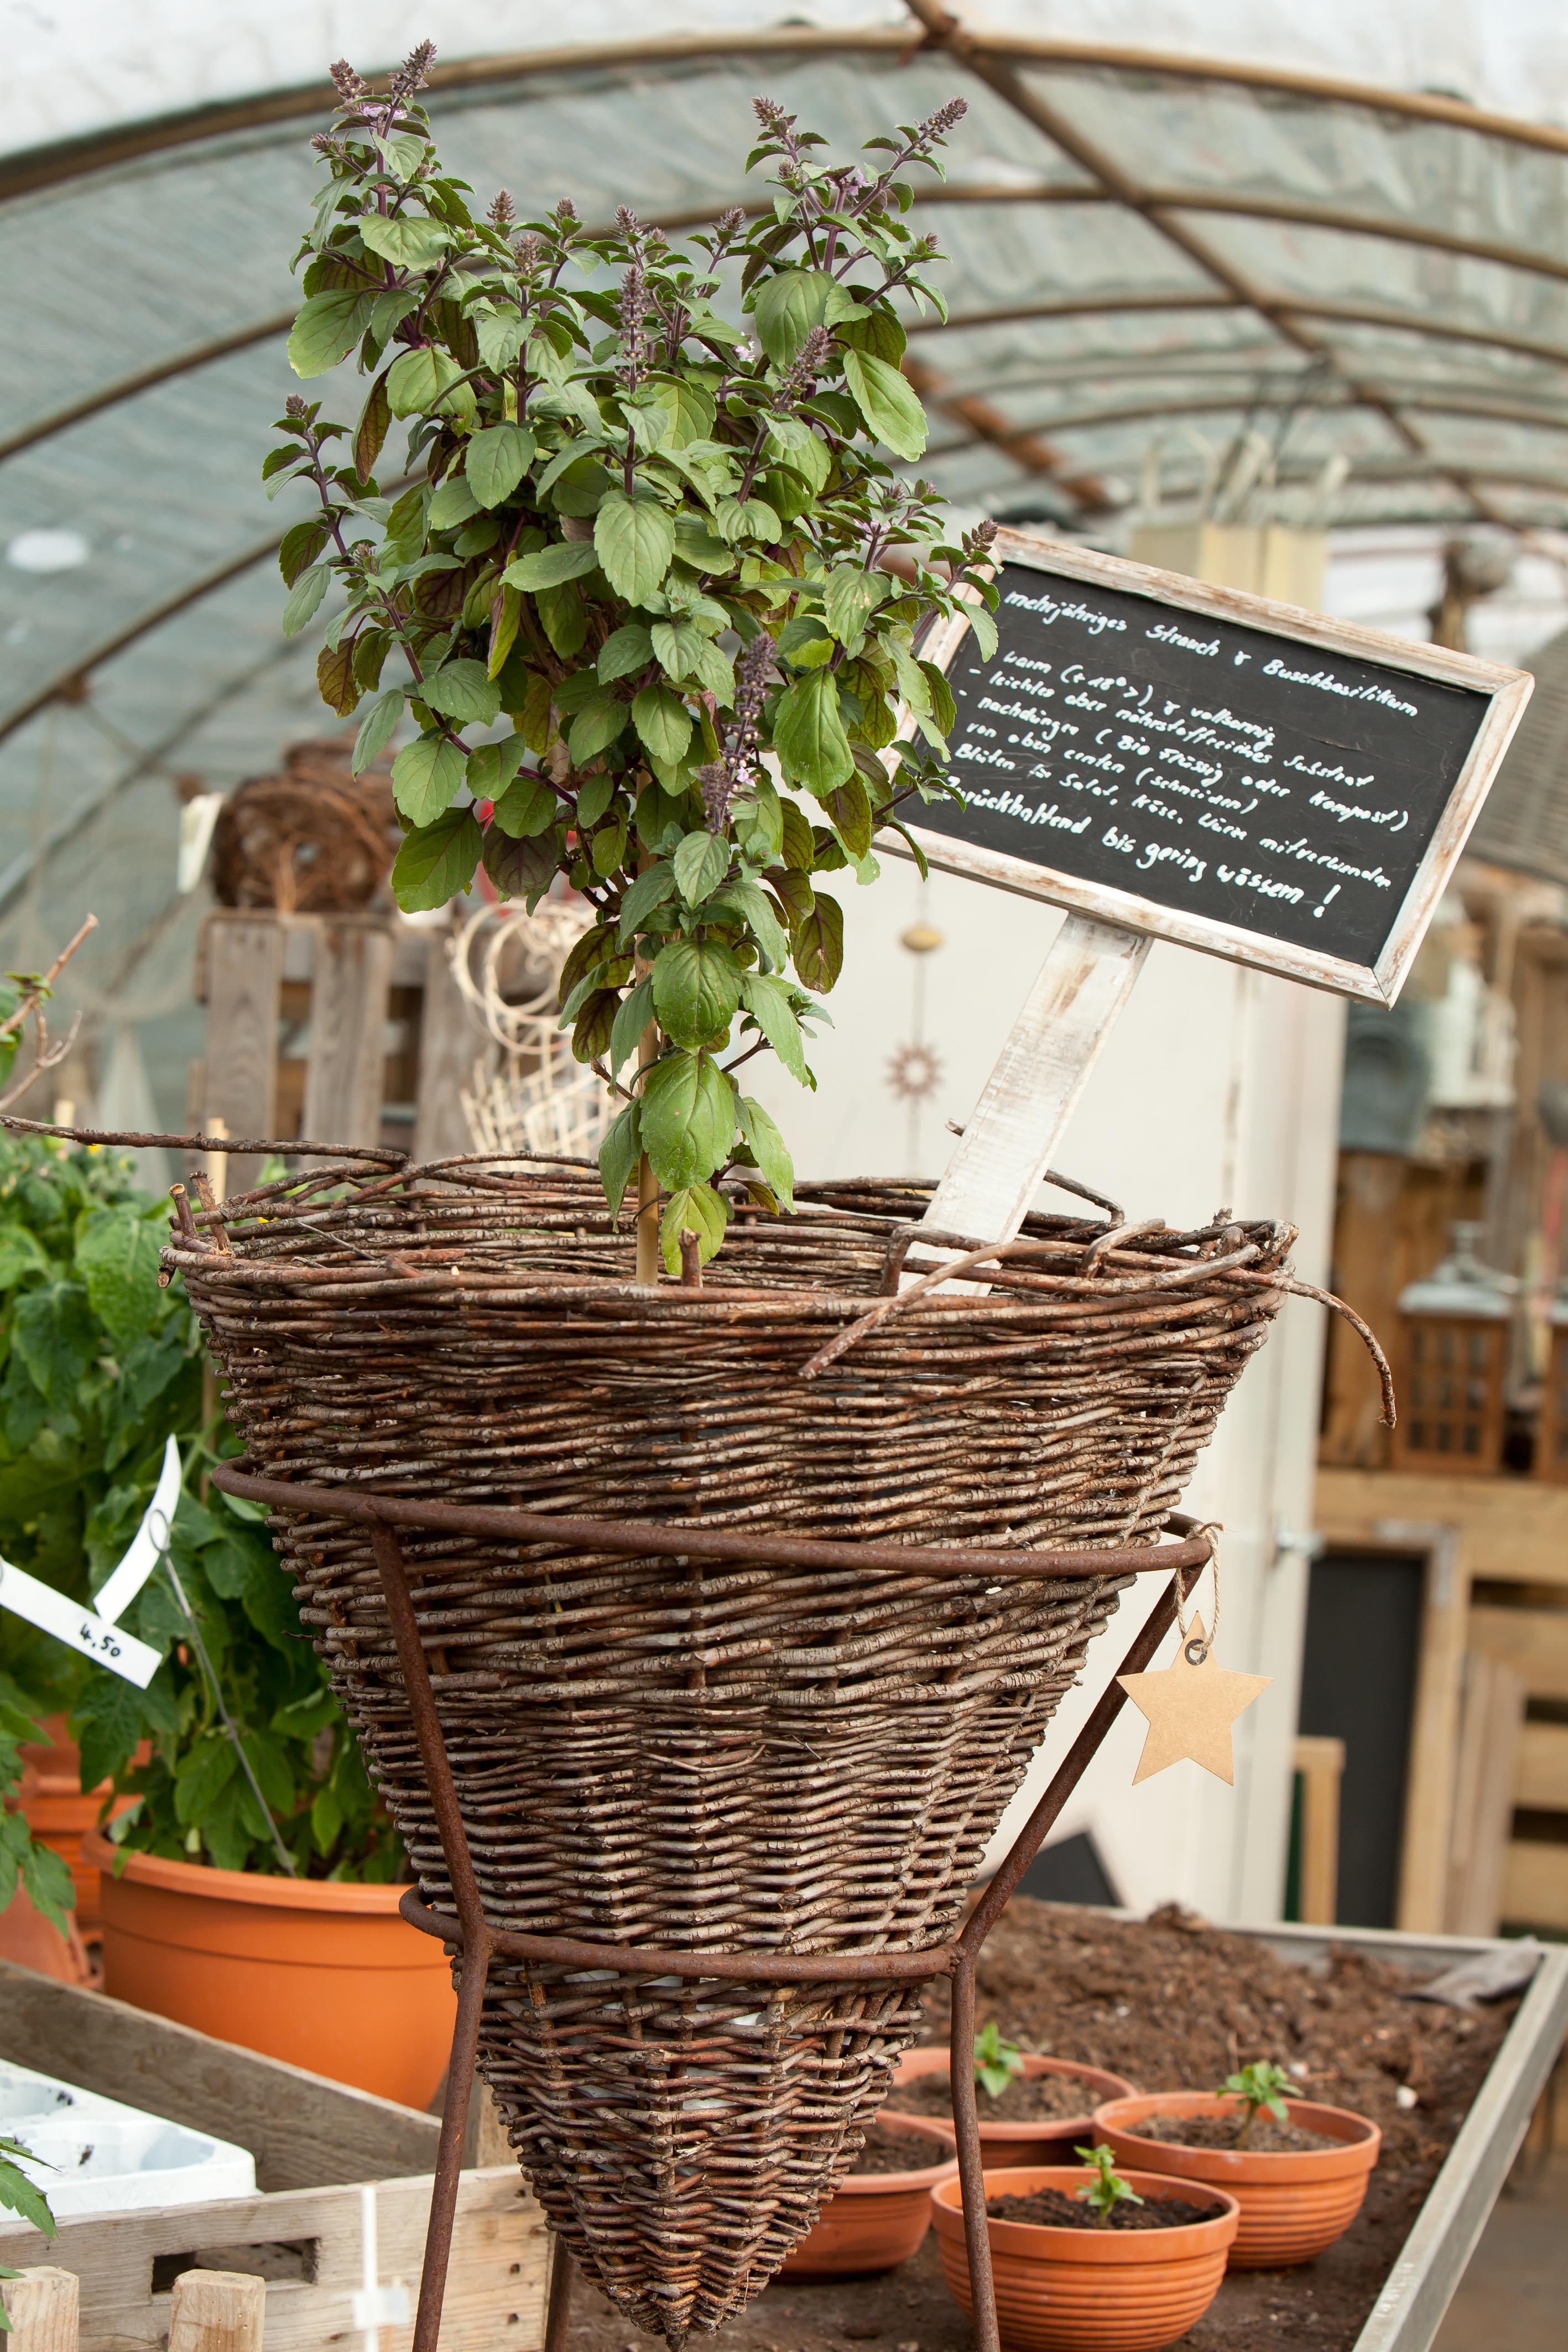 Pressefoto zu den Kräutertagen im Kräutergarten